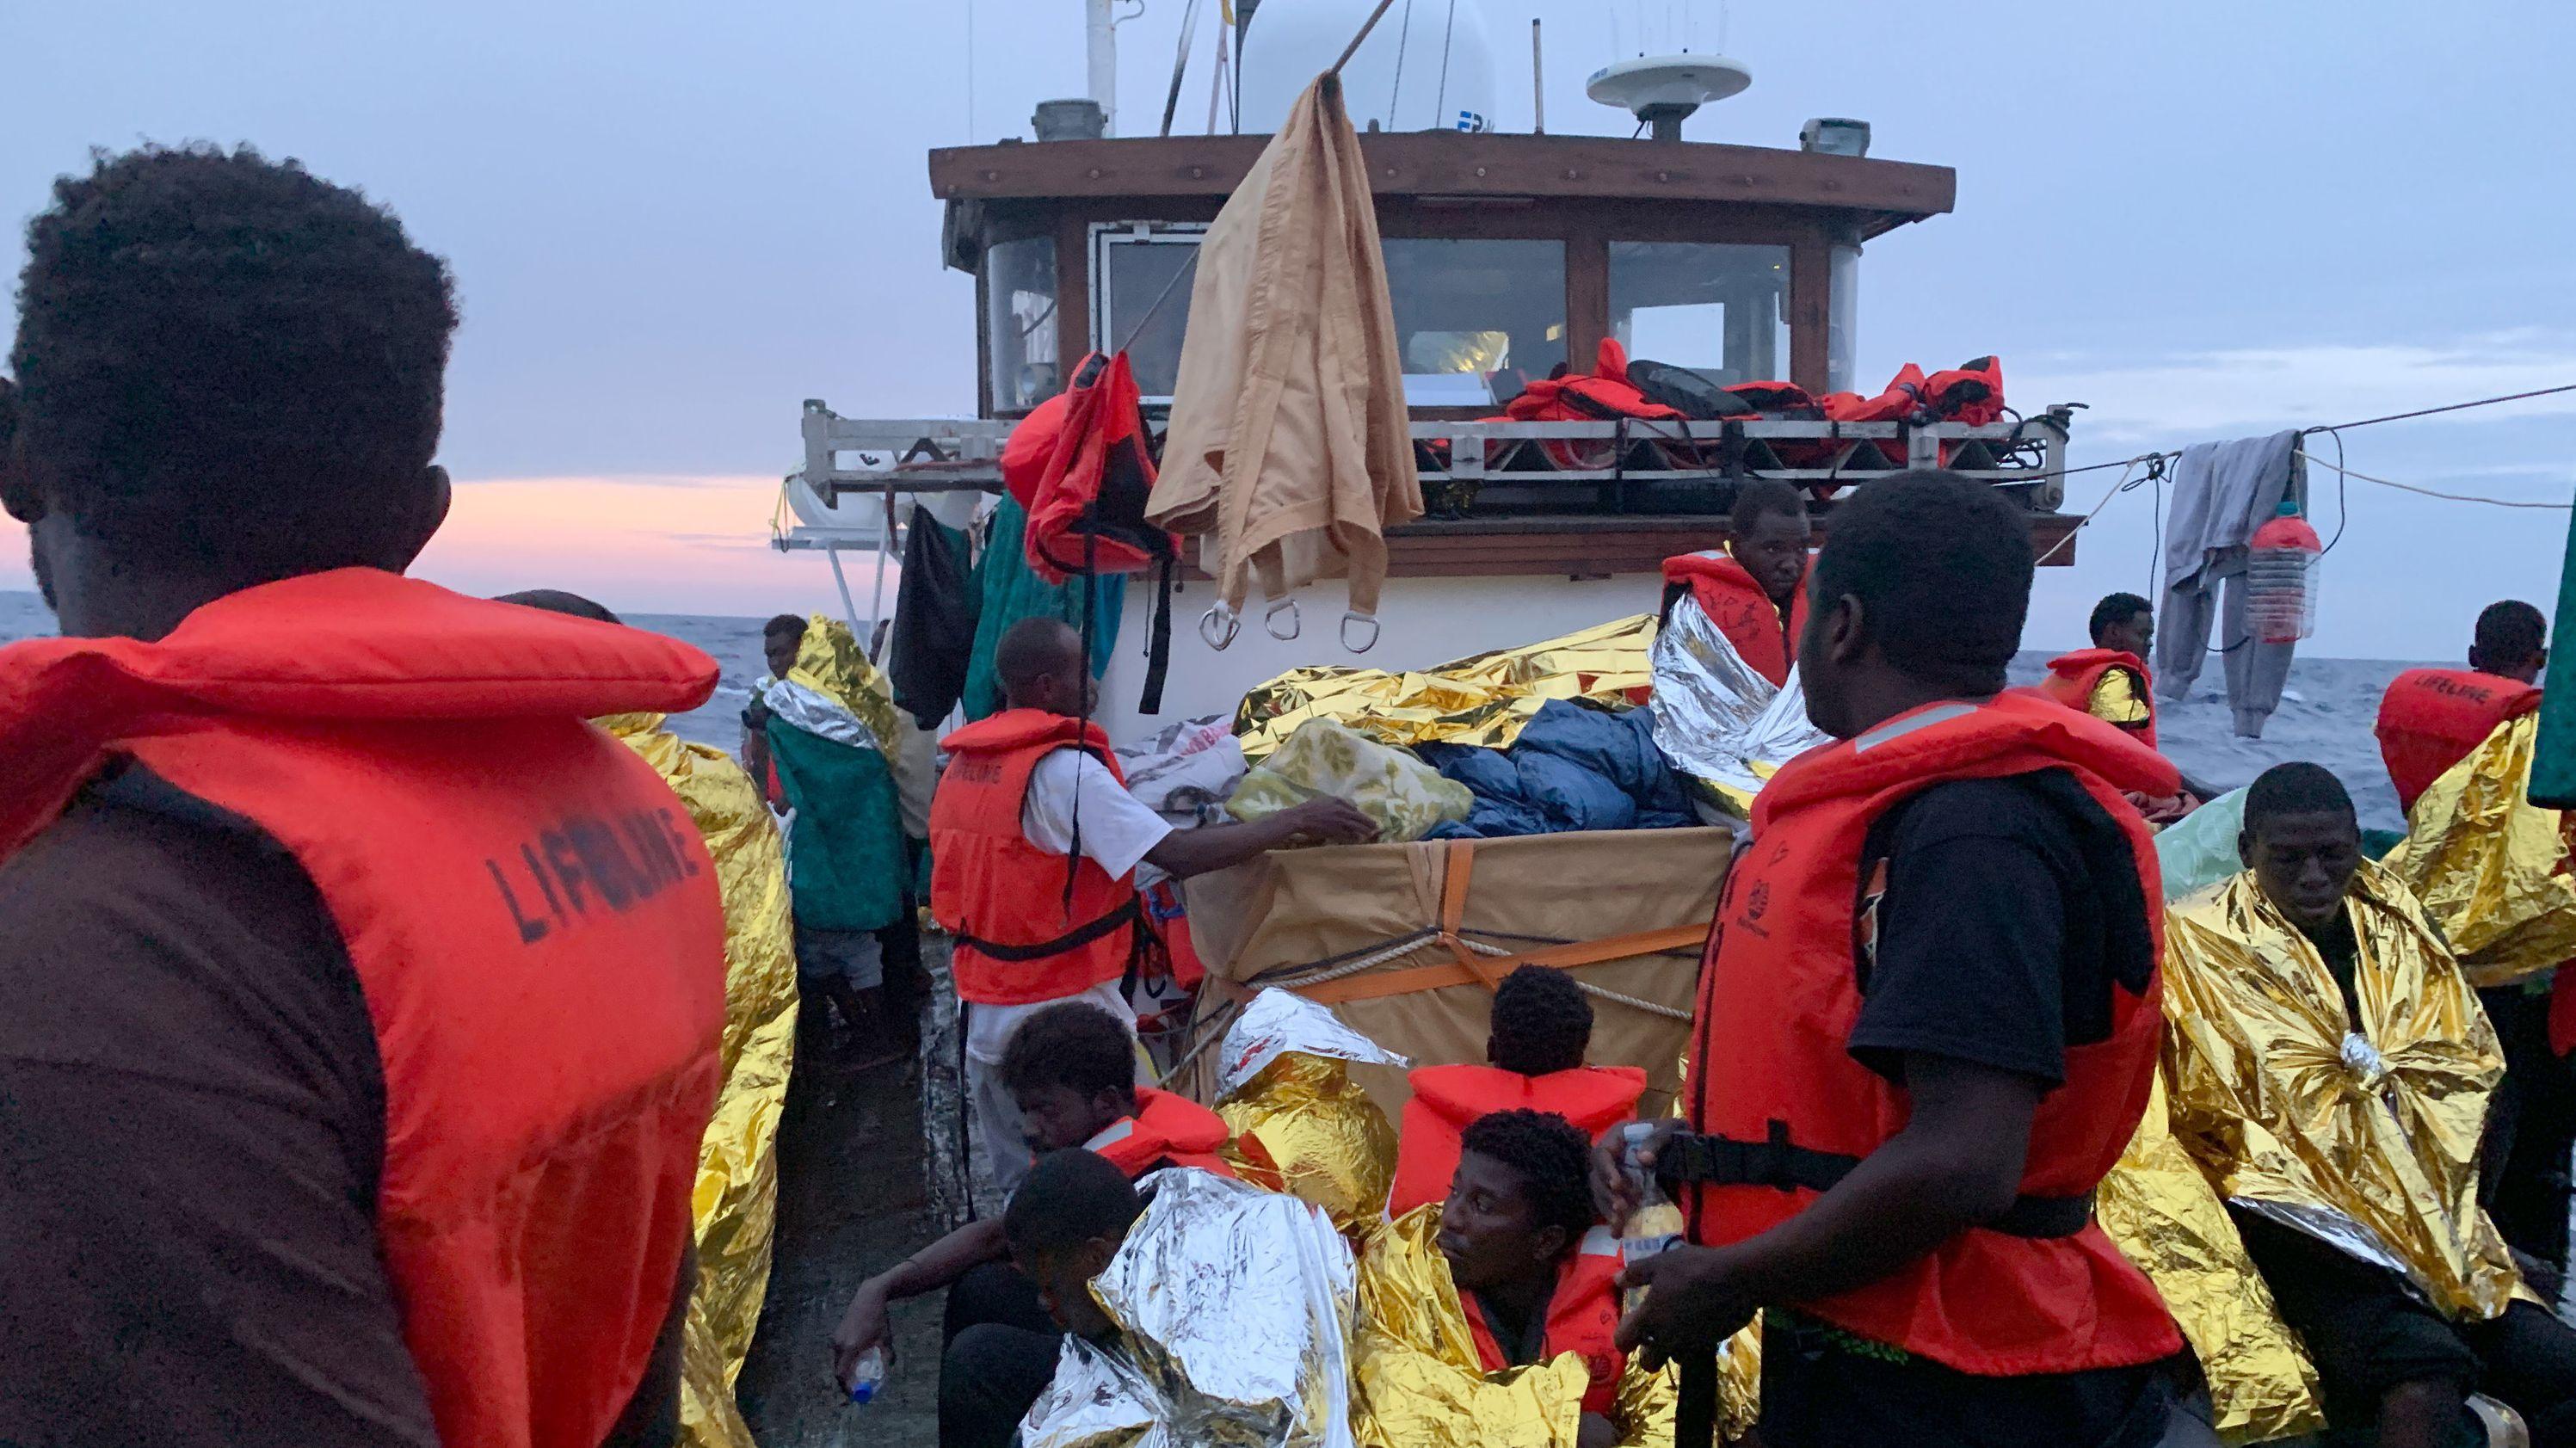 """Nach einem Gewitter mit schweren Regenfällen schützen sich die rund 100 Migranten an Deck des Rettungsschiff """"Eleonore"""" mit Rettungsdecken"""